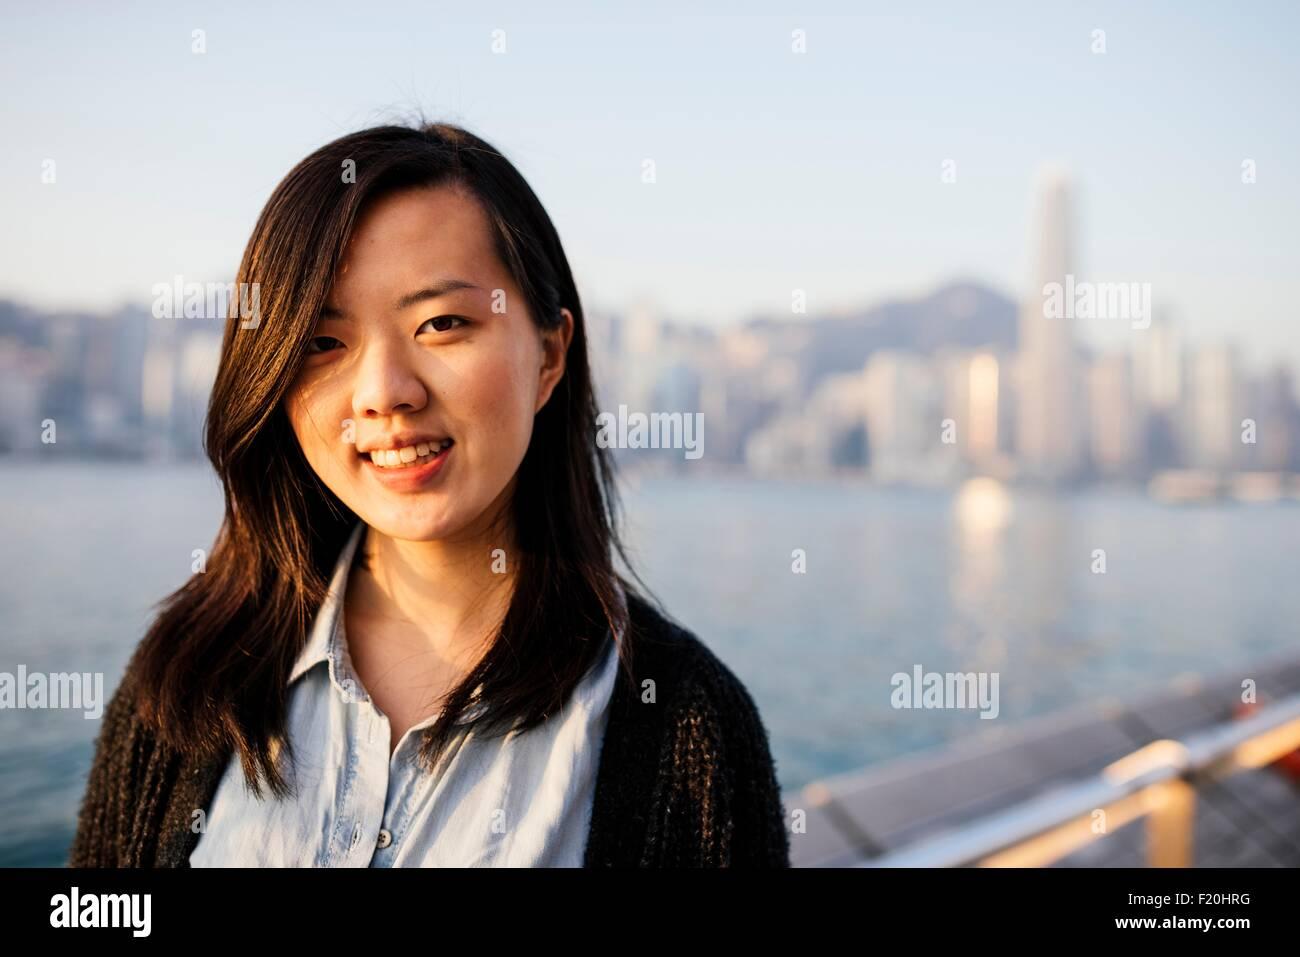 Porträt der jungen Frau mit langen Haaren in Hemd und Jacke vor Wasser, Blick in die Kamera Stockbild